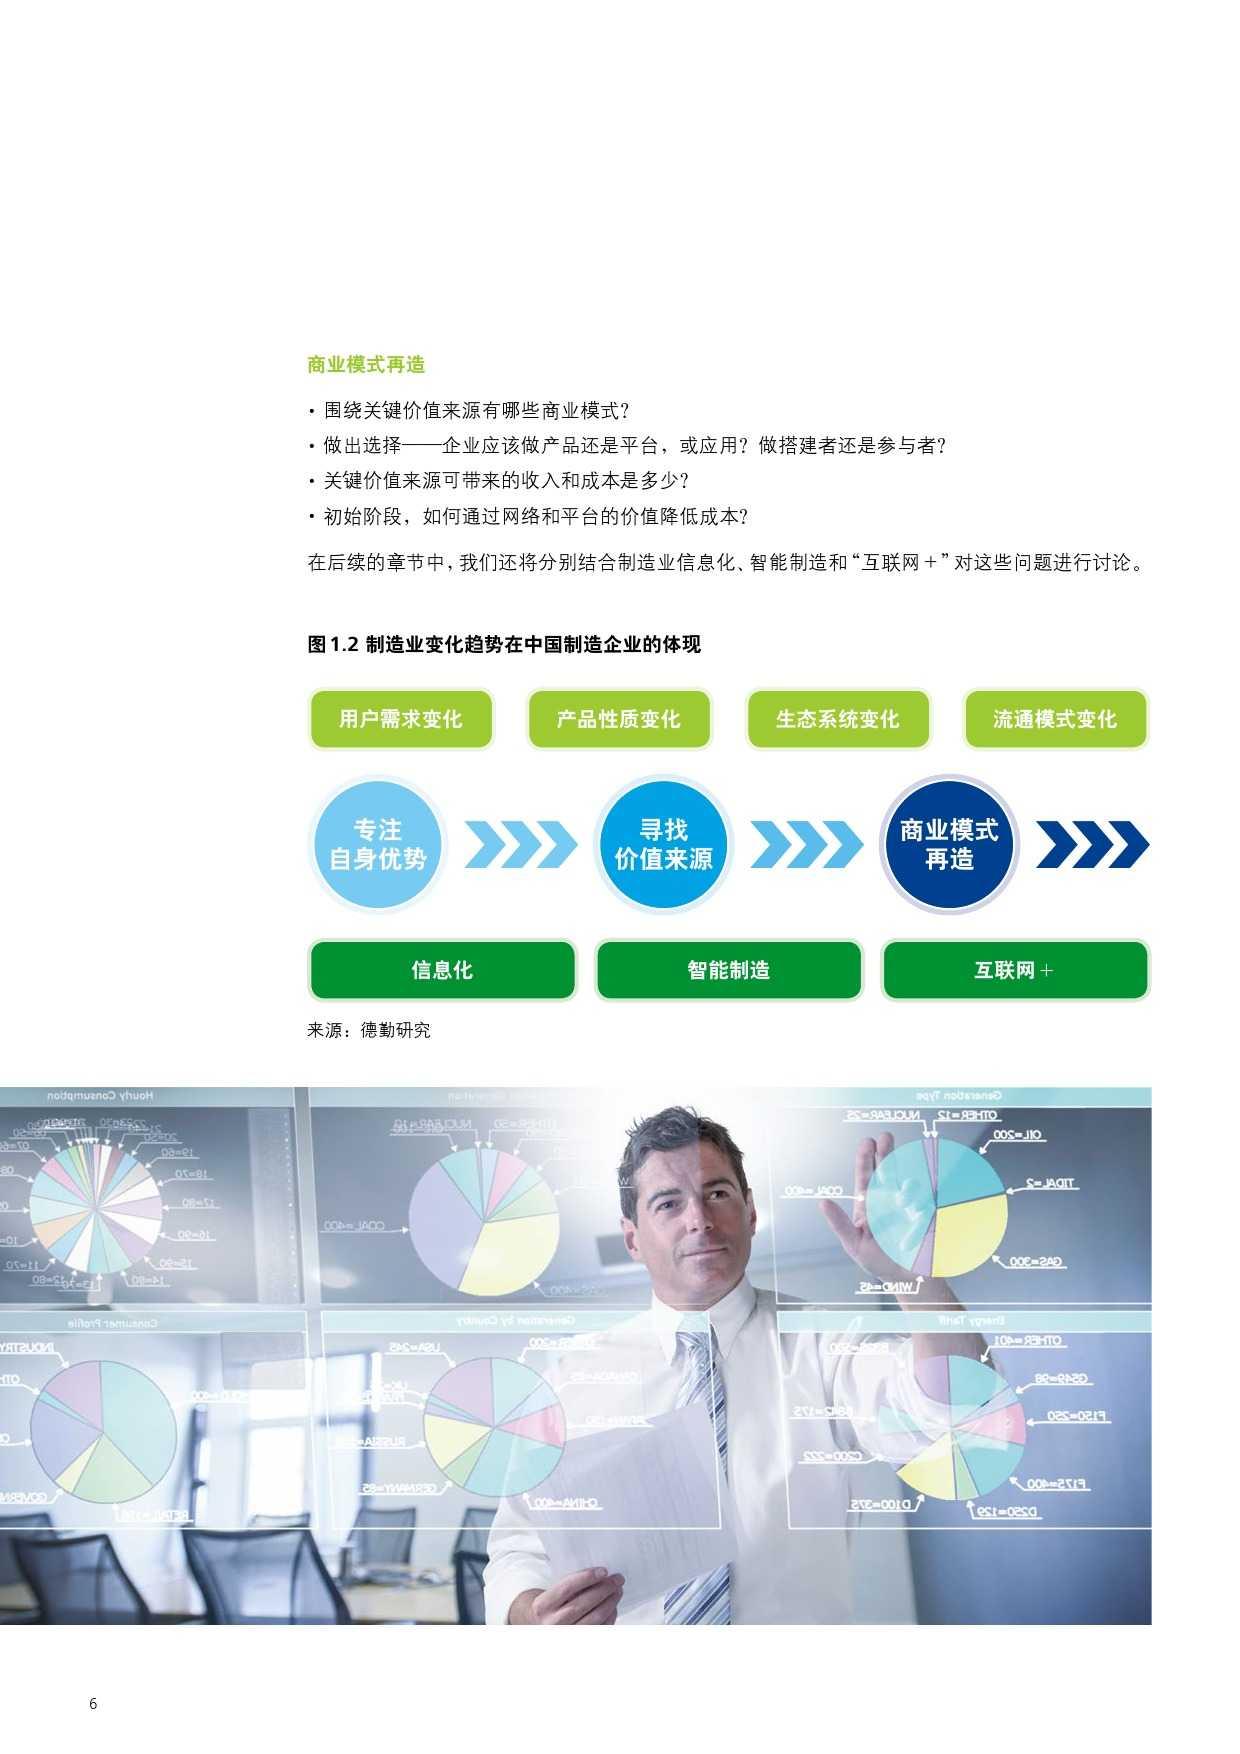 2015年中国制造业企业信息化调查_000008